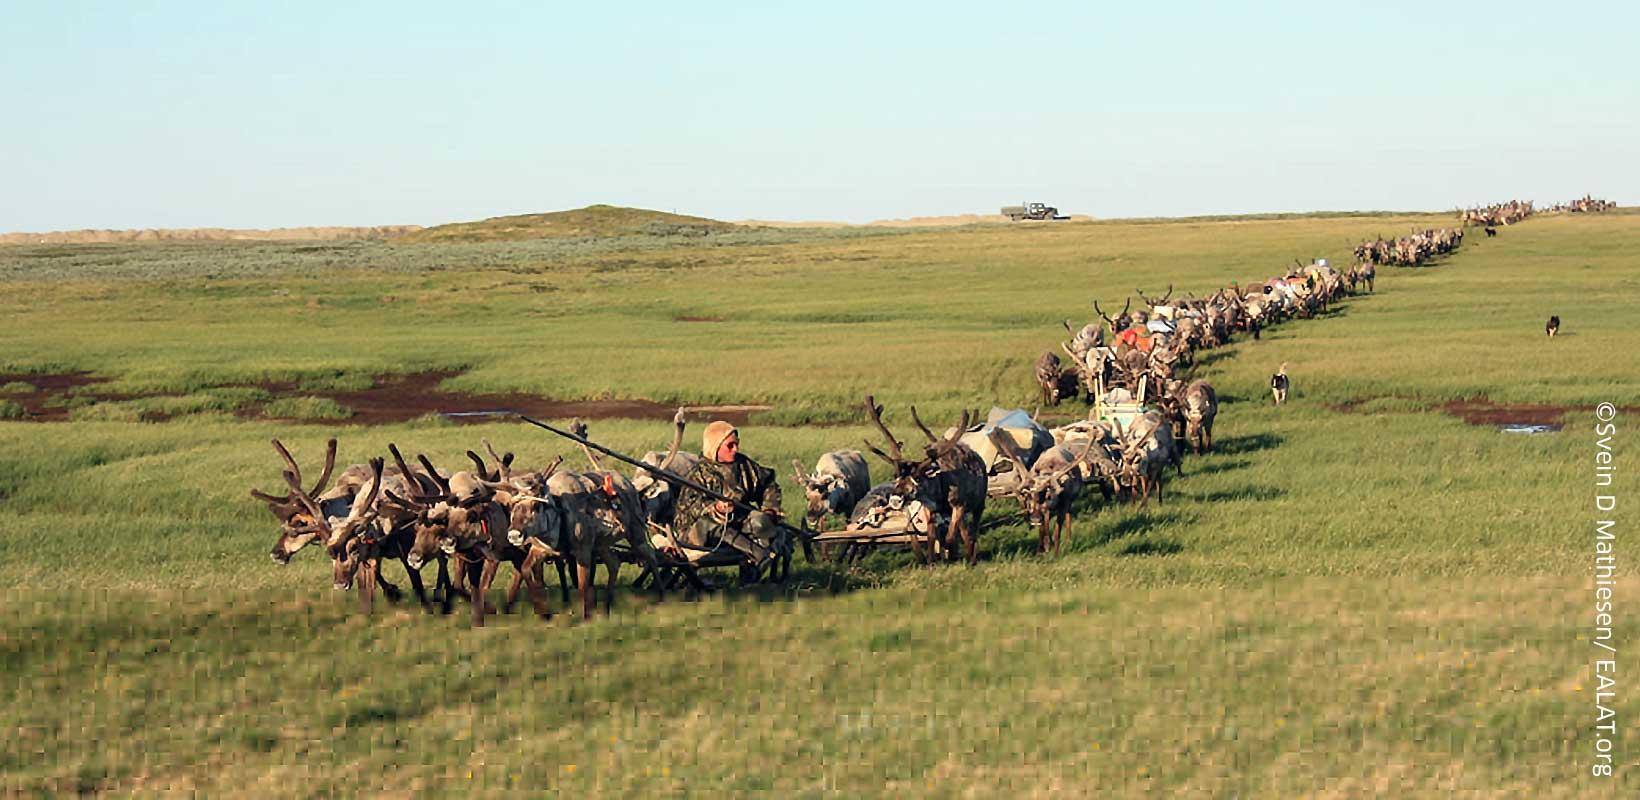 Nenet migration route